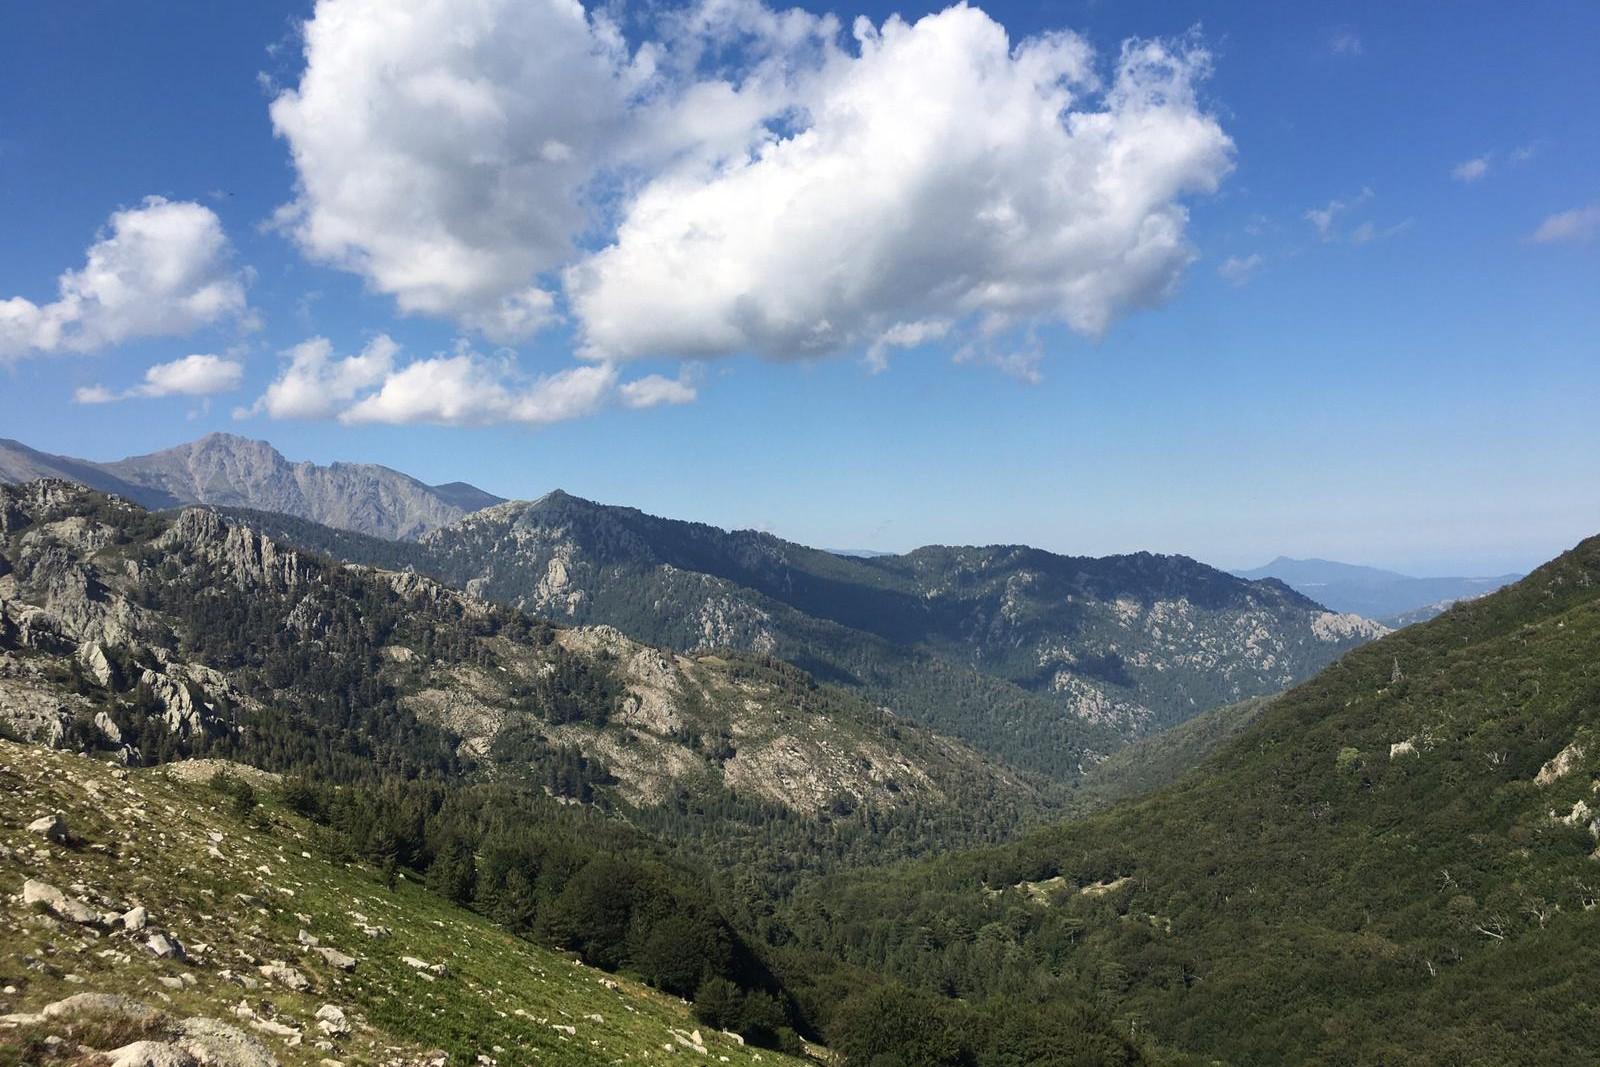 Une vue prise depuis le GR20 en Corse